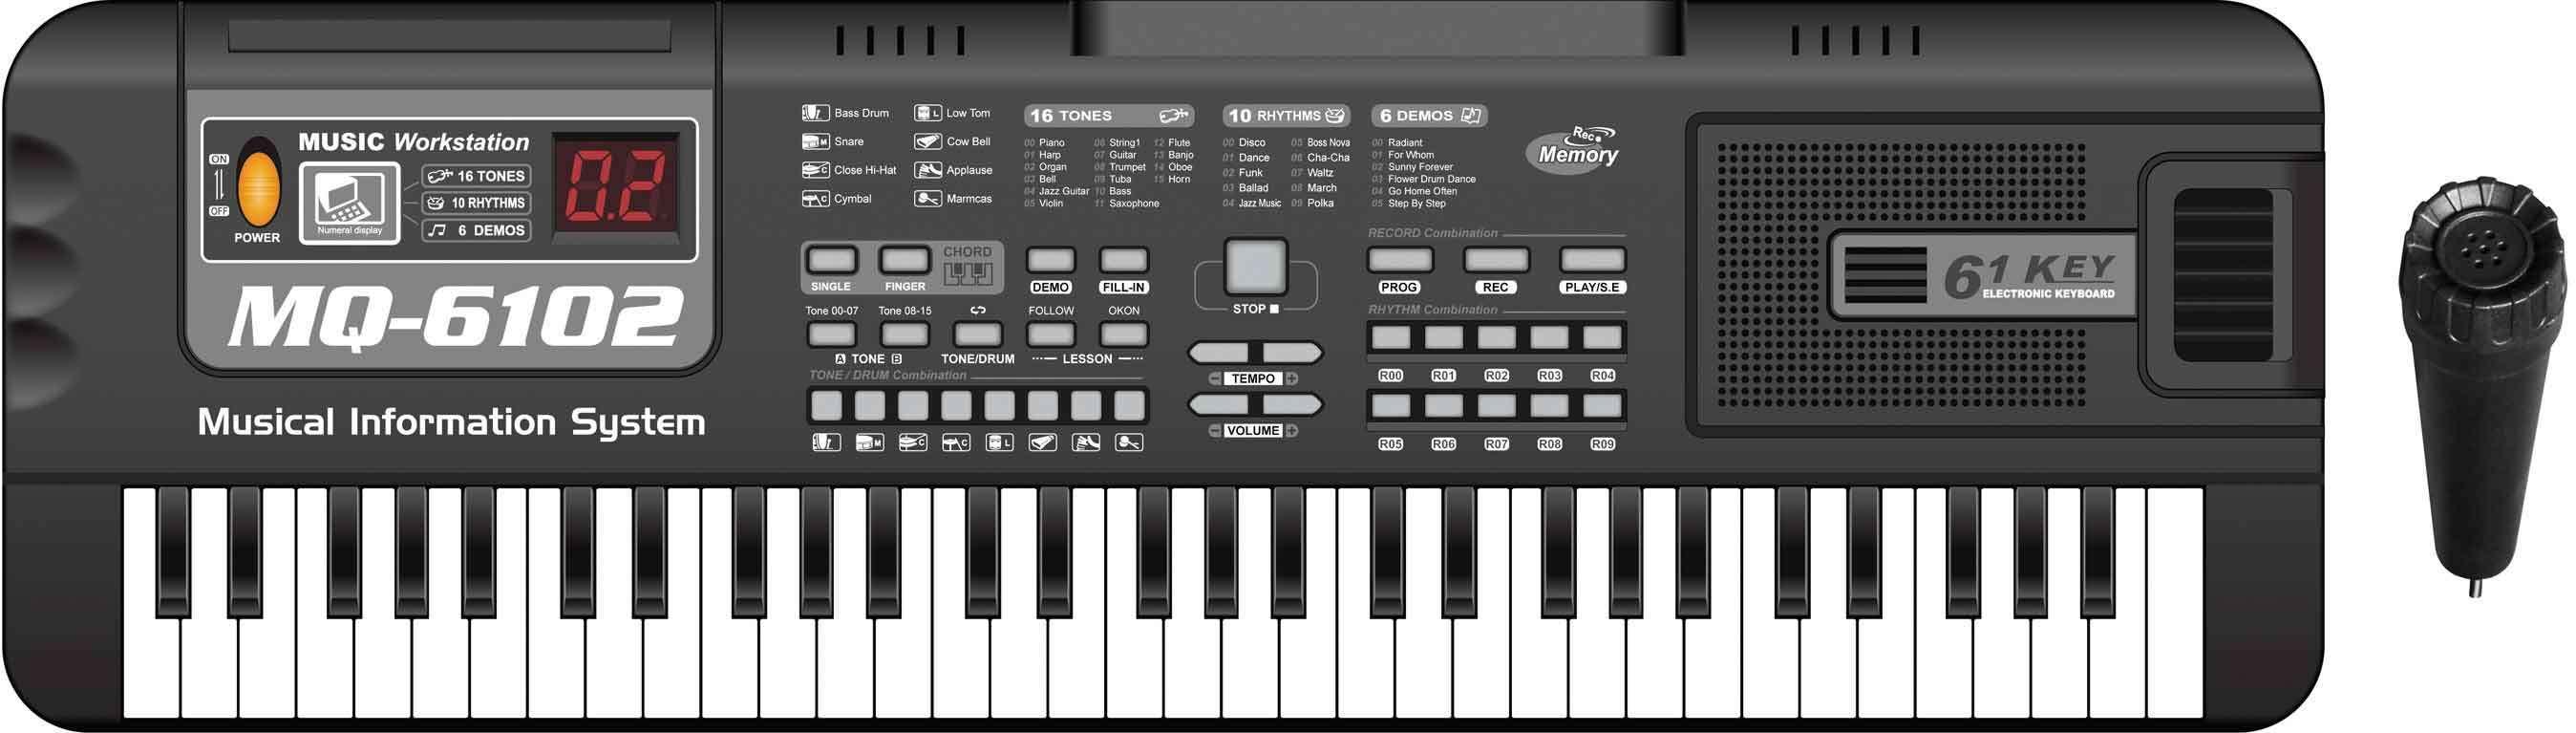 Learning keyboard by ear 05